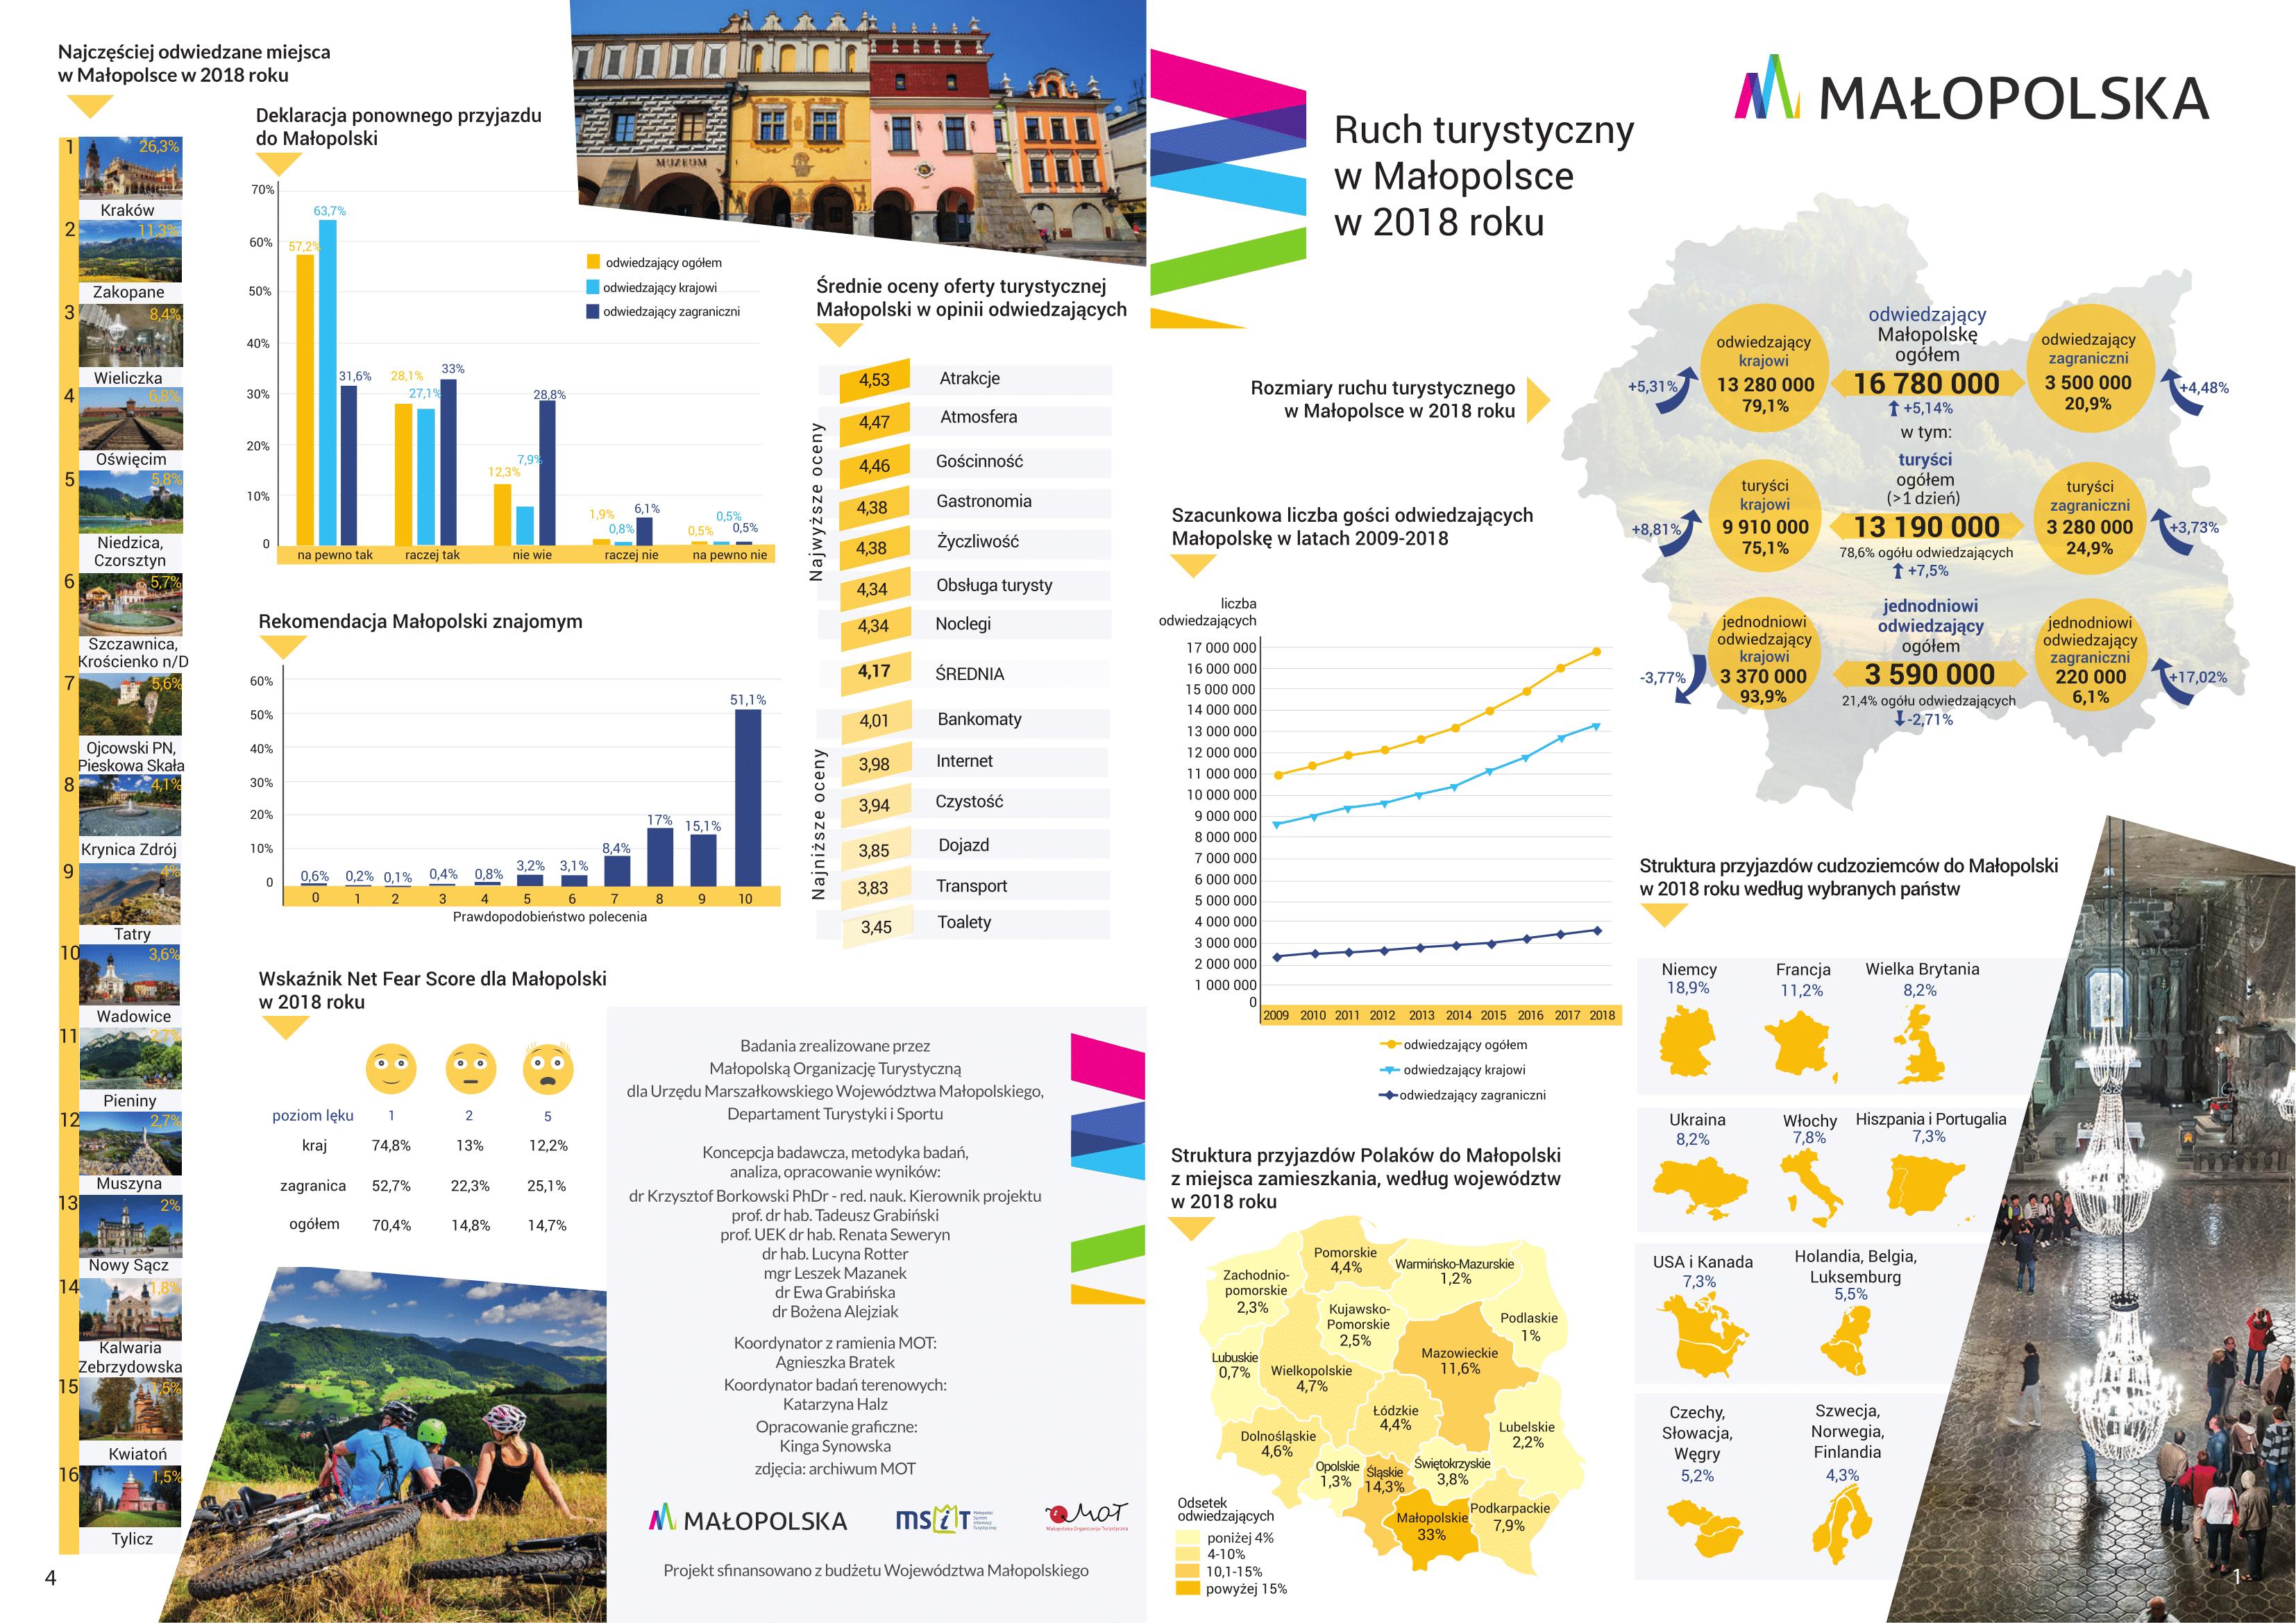 Infografika przedstawia dane statystyczne dotyczące ruchu turystycznego w Małopolsce w 2018 roku